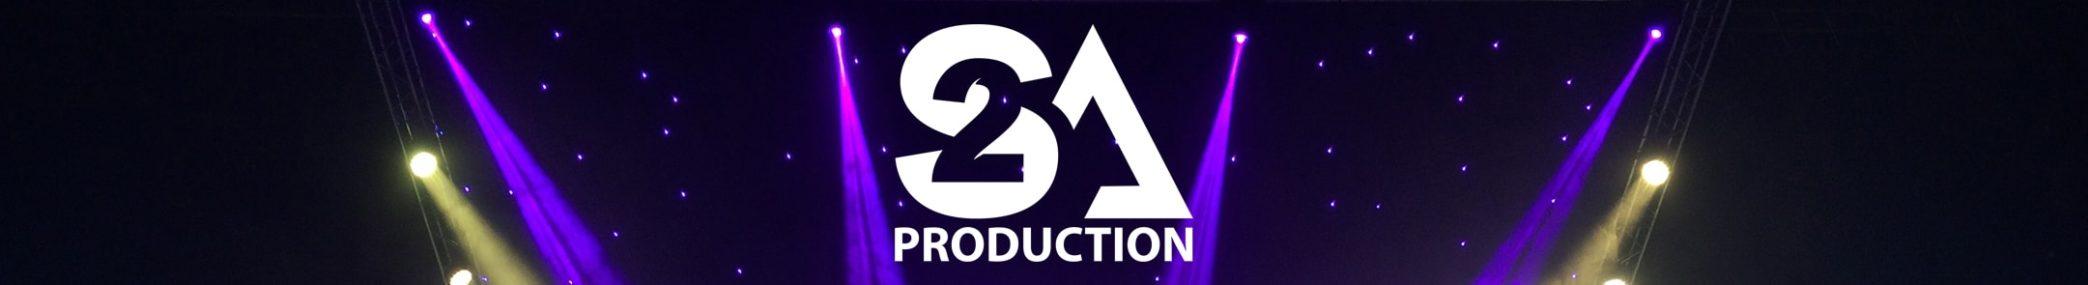 S2A production producteur de spectacle cirque théâtre magie